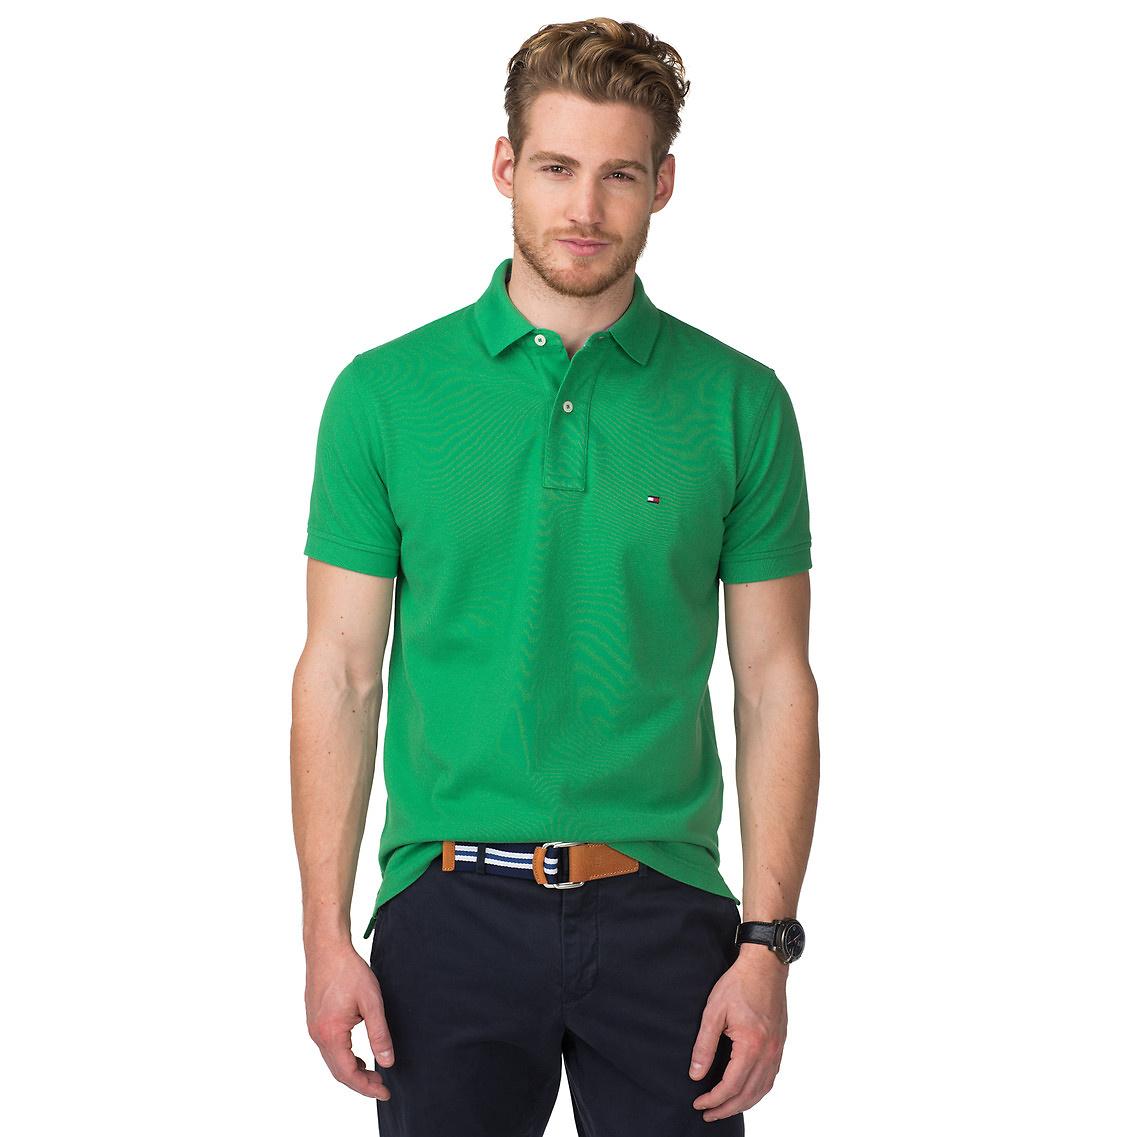 tommy hilfiger tommy regular fit polo in green for men. Black Bedroom Furniture Sets. Home Design Ideas